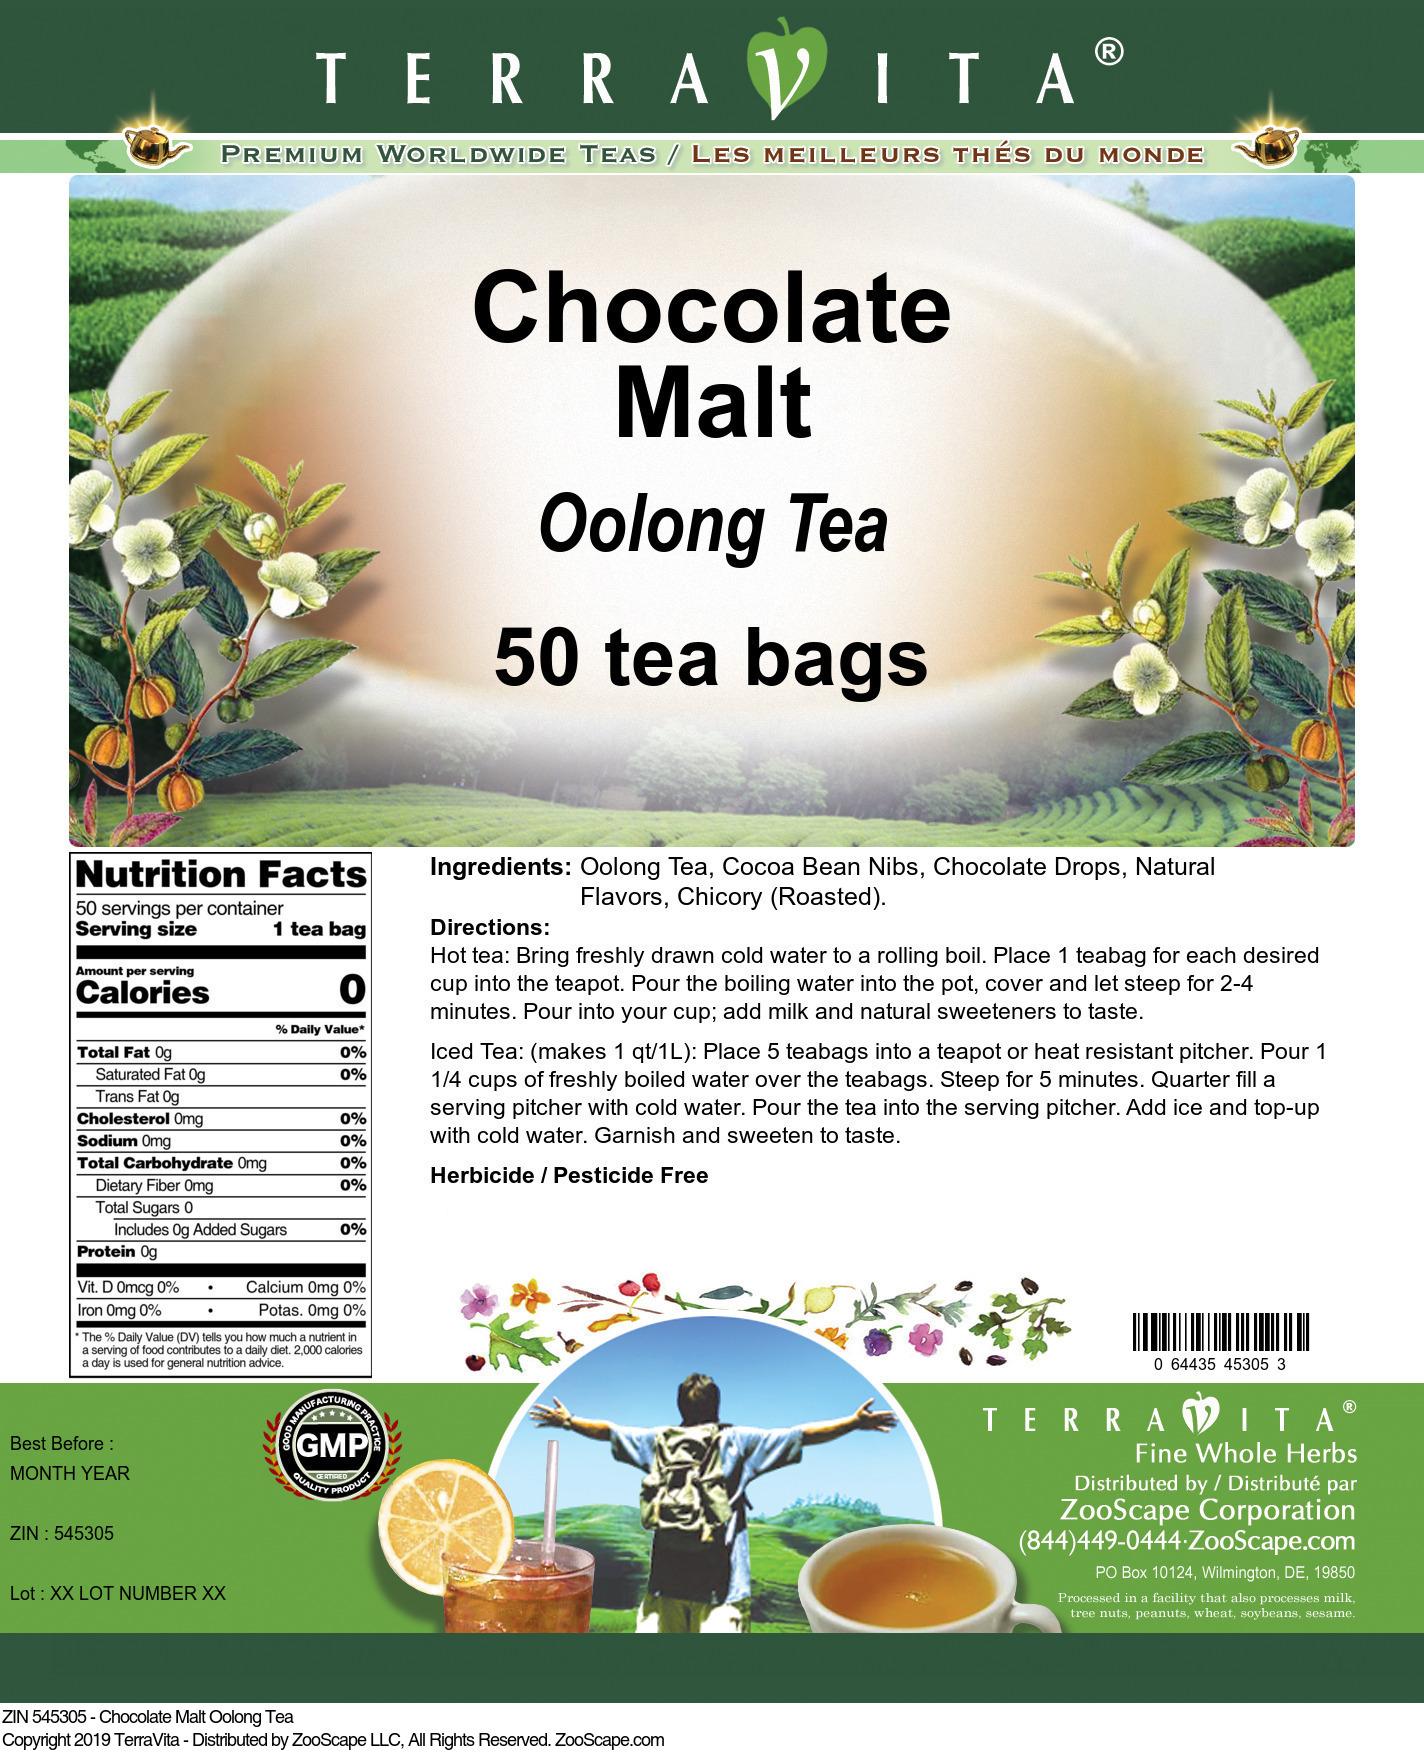 Chocolate Malt Oolong Tea